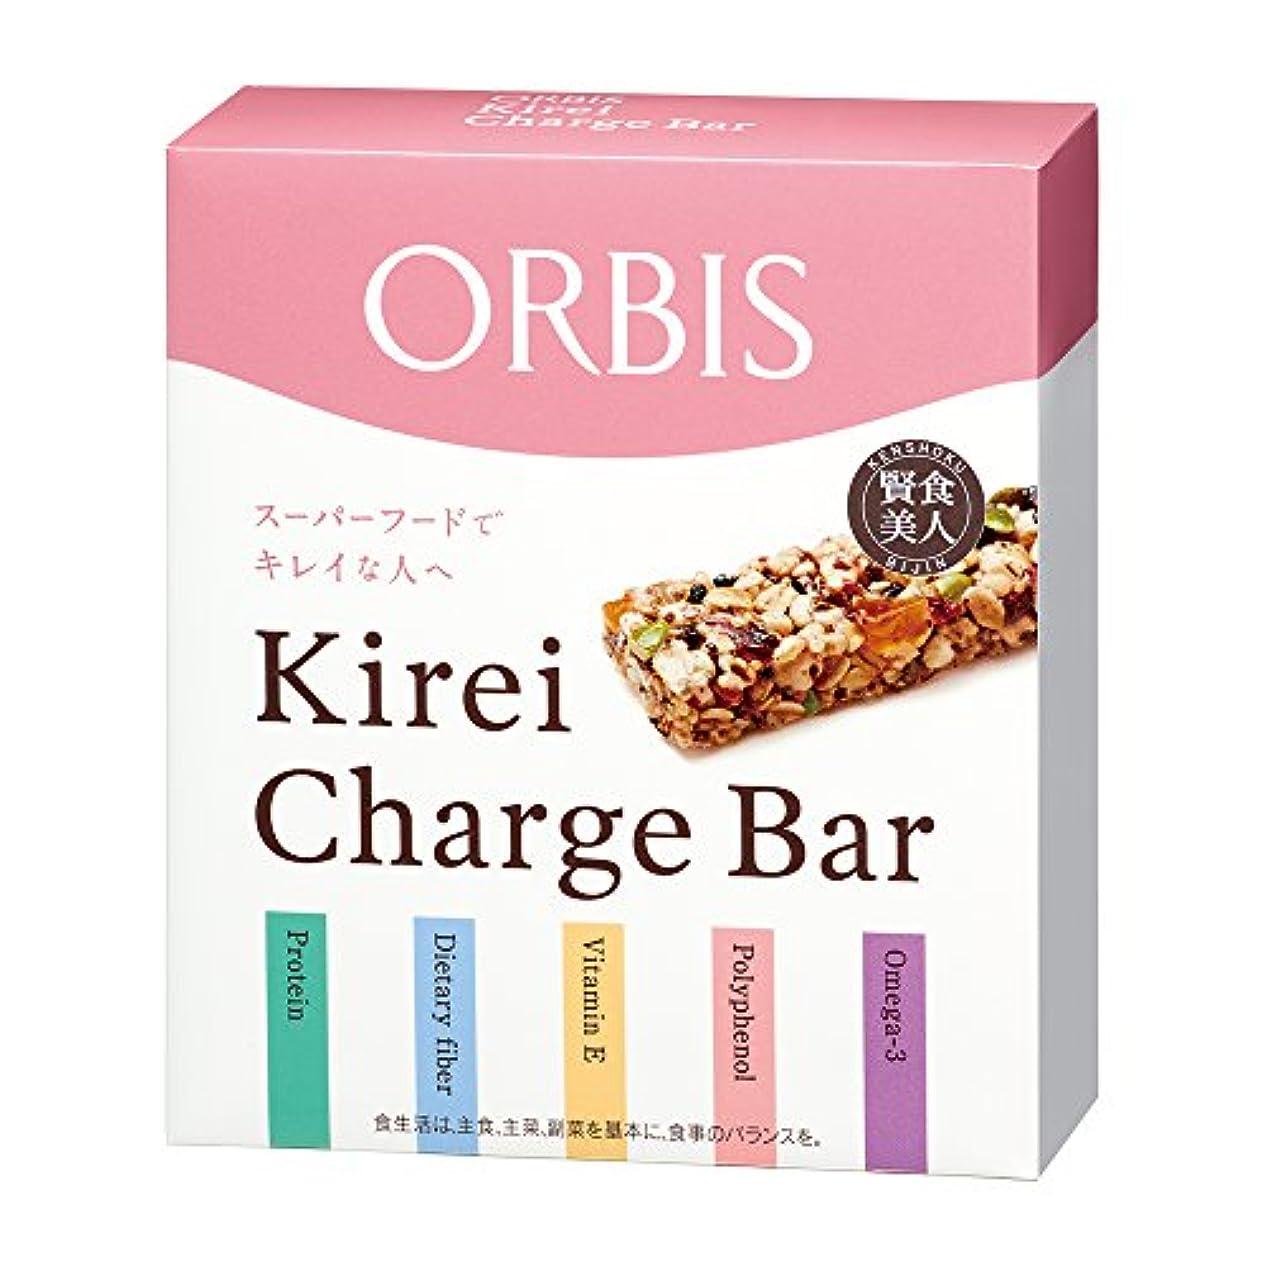 立証する梨航空オルビス(ORBIS) Kirei Charge Bar(キレイチャージバー) オリジナルミックス ◎美容シリアルバー◎